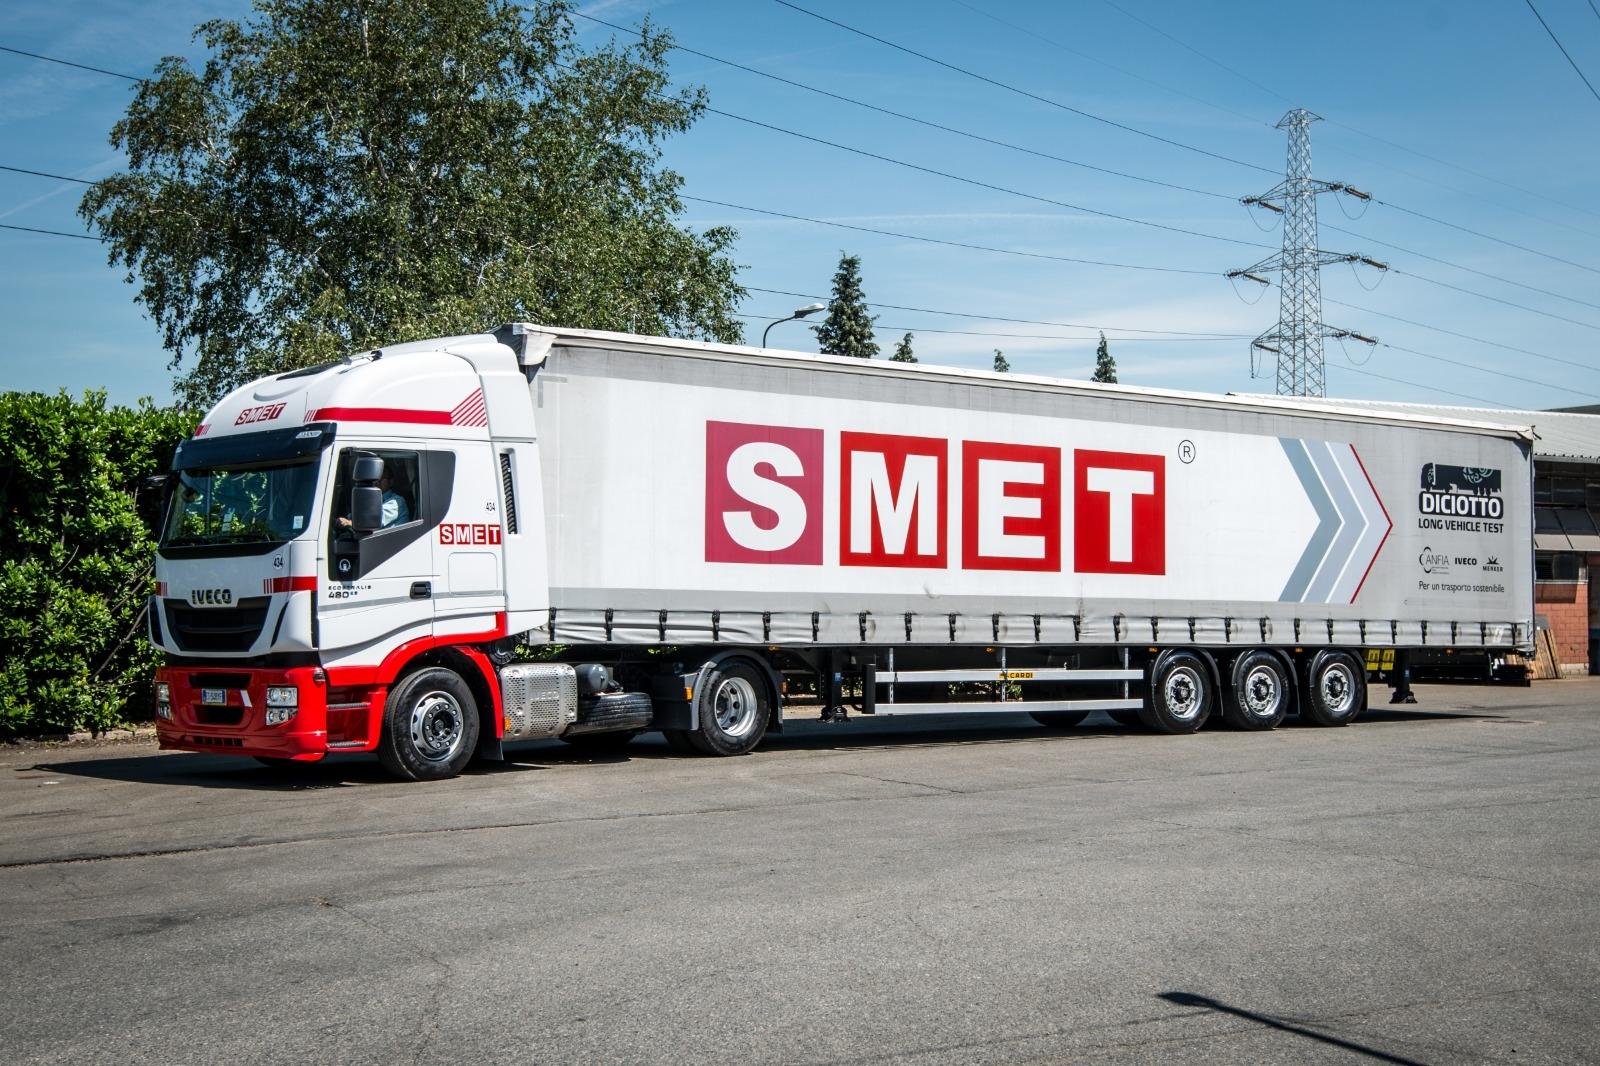 SMET - Progetto 18 (2)